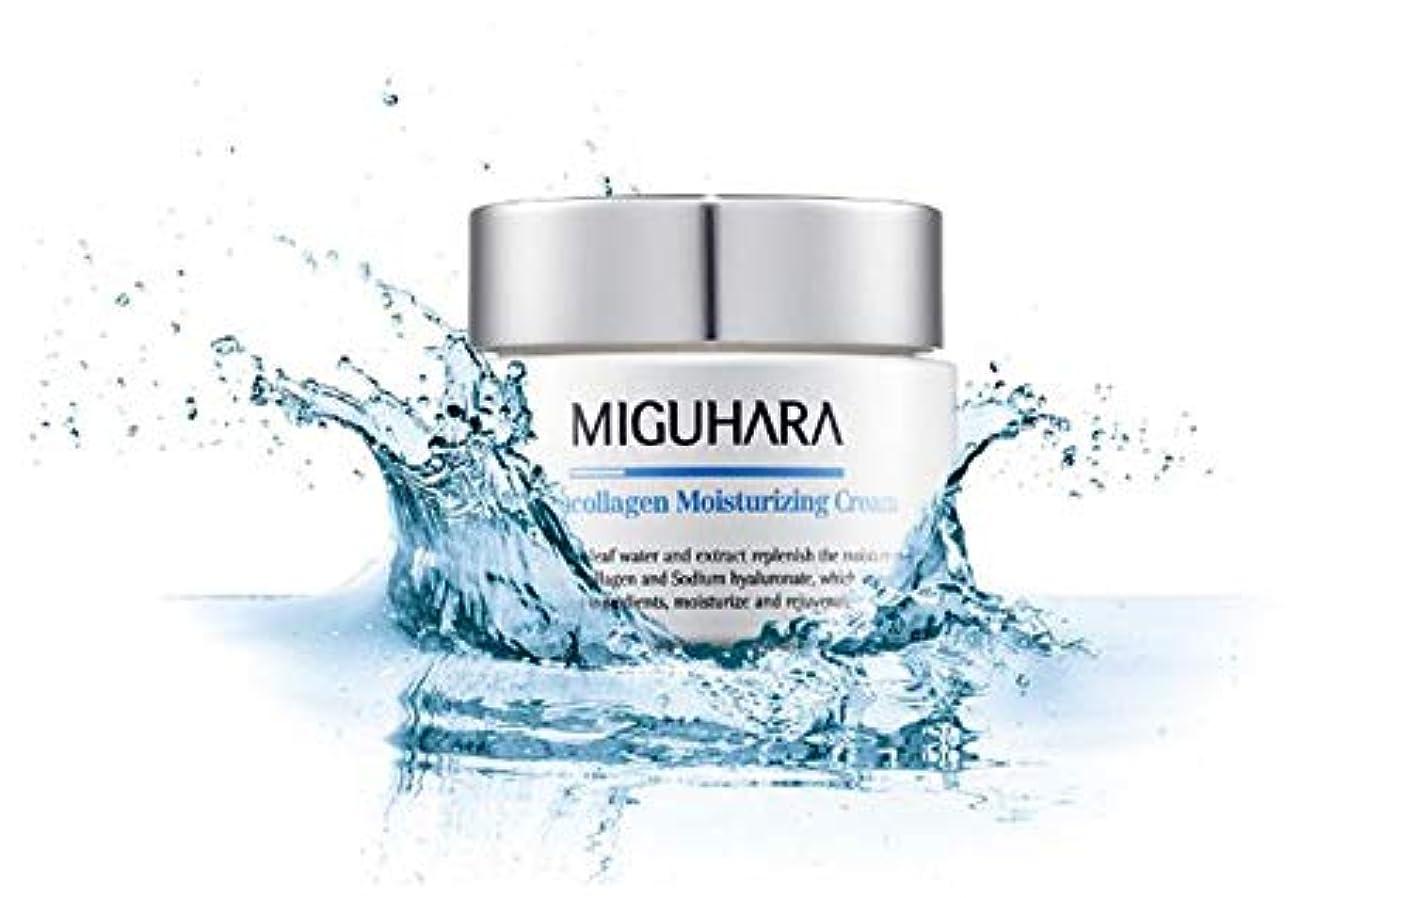 万歳俳句支店MIGUHARA Hyalucollagen Moisturizing Cream 50ml/ヒアルロンコラーゲンモイスチャーライジングクリーム50ml